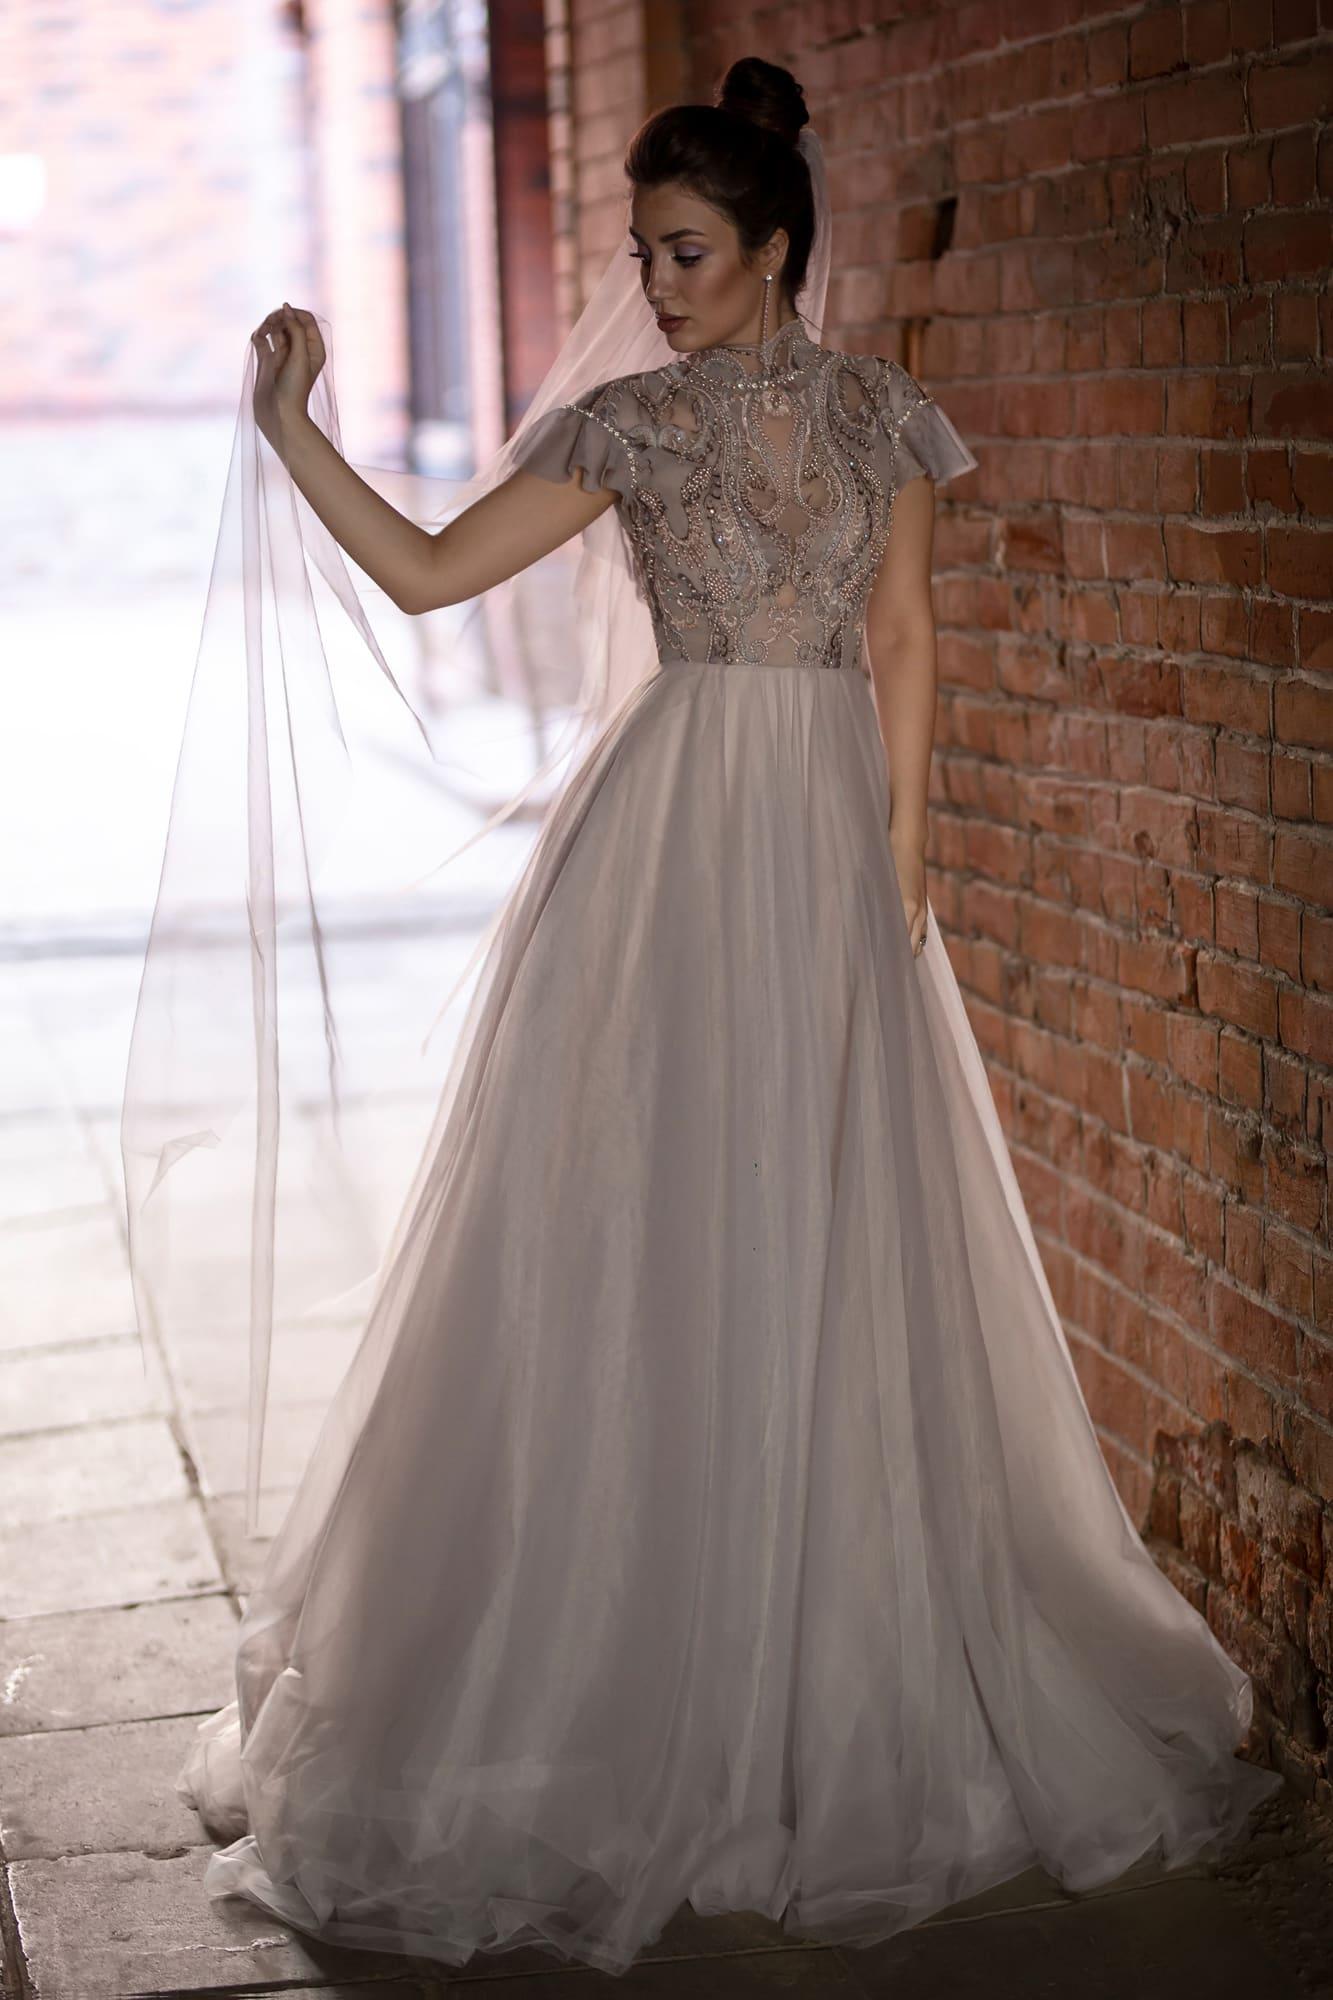 ae6c21f165c Свадебное платье Strekkoza Alexis. Купить свадебное платье в салоне ...